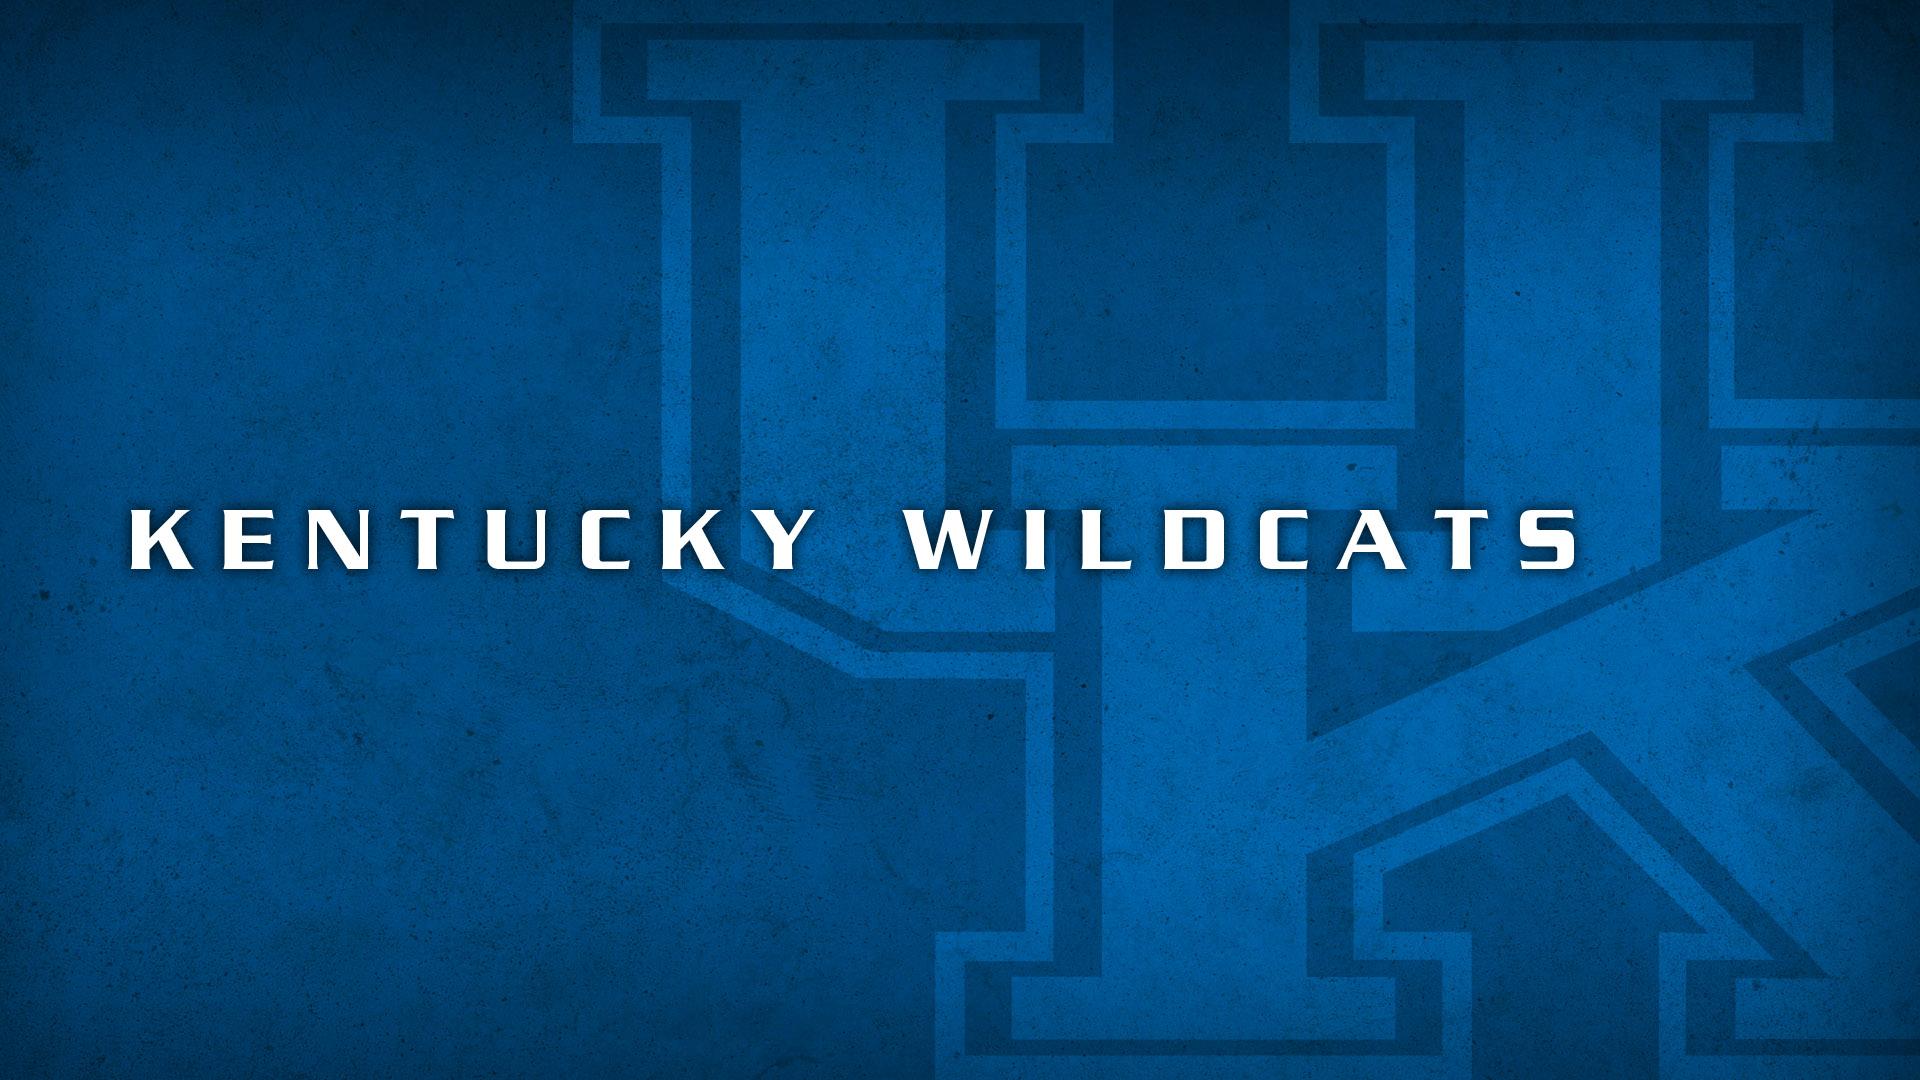 Kentucky Wildcats Basketball Wallpaper Collection 1920x1080